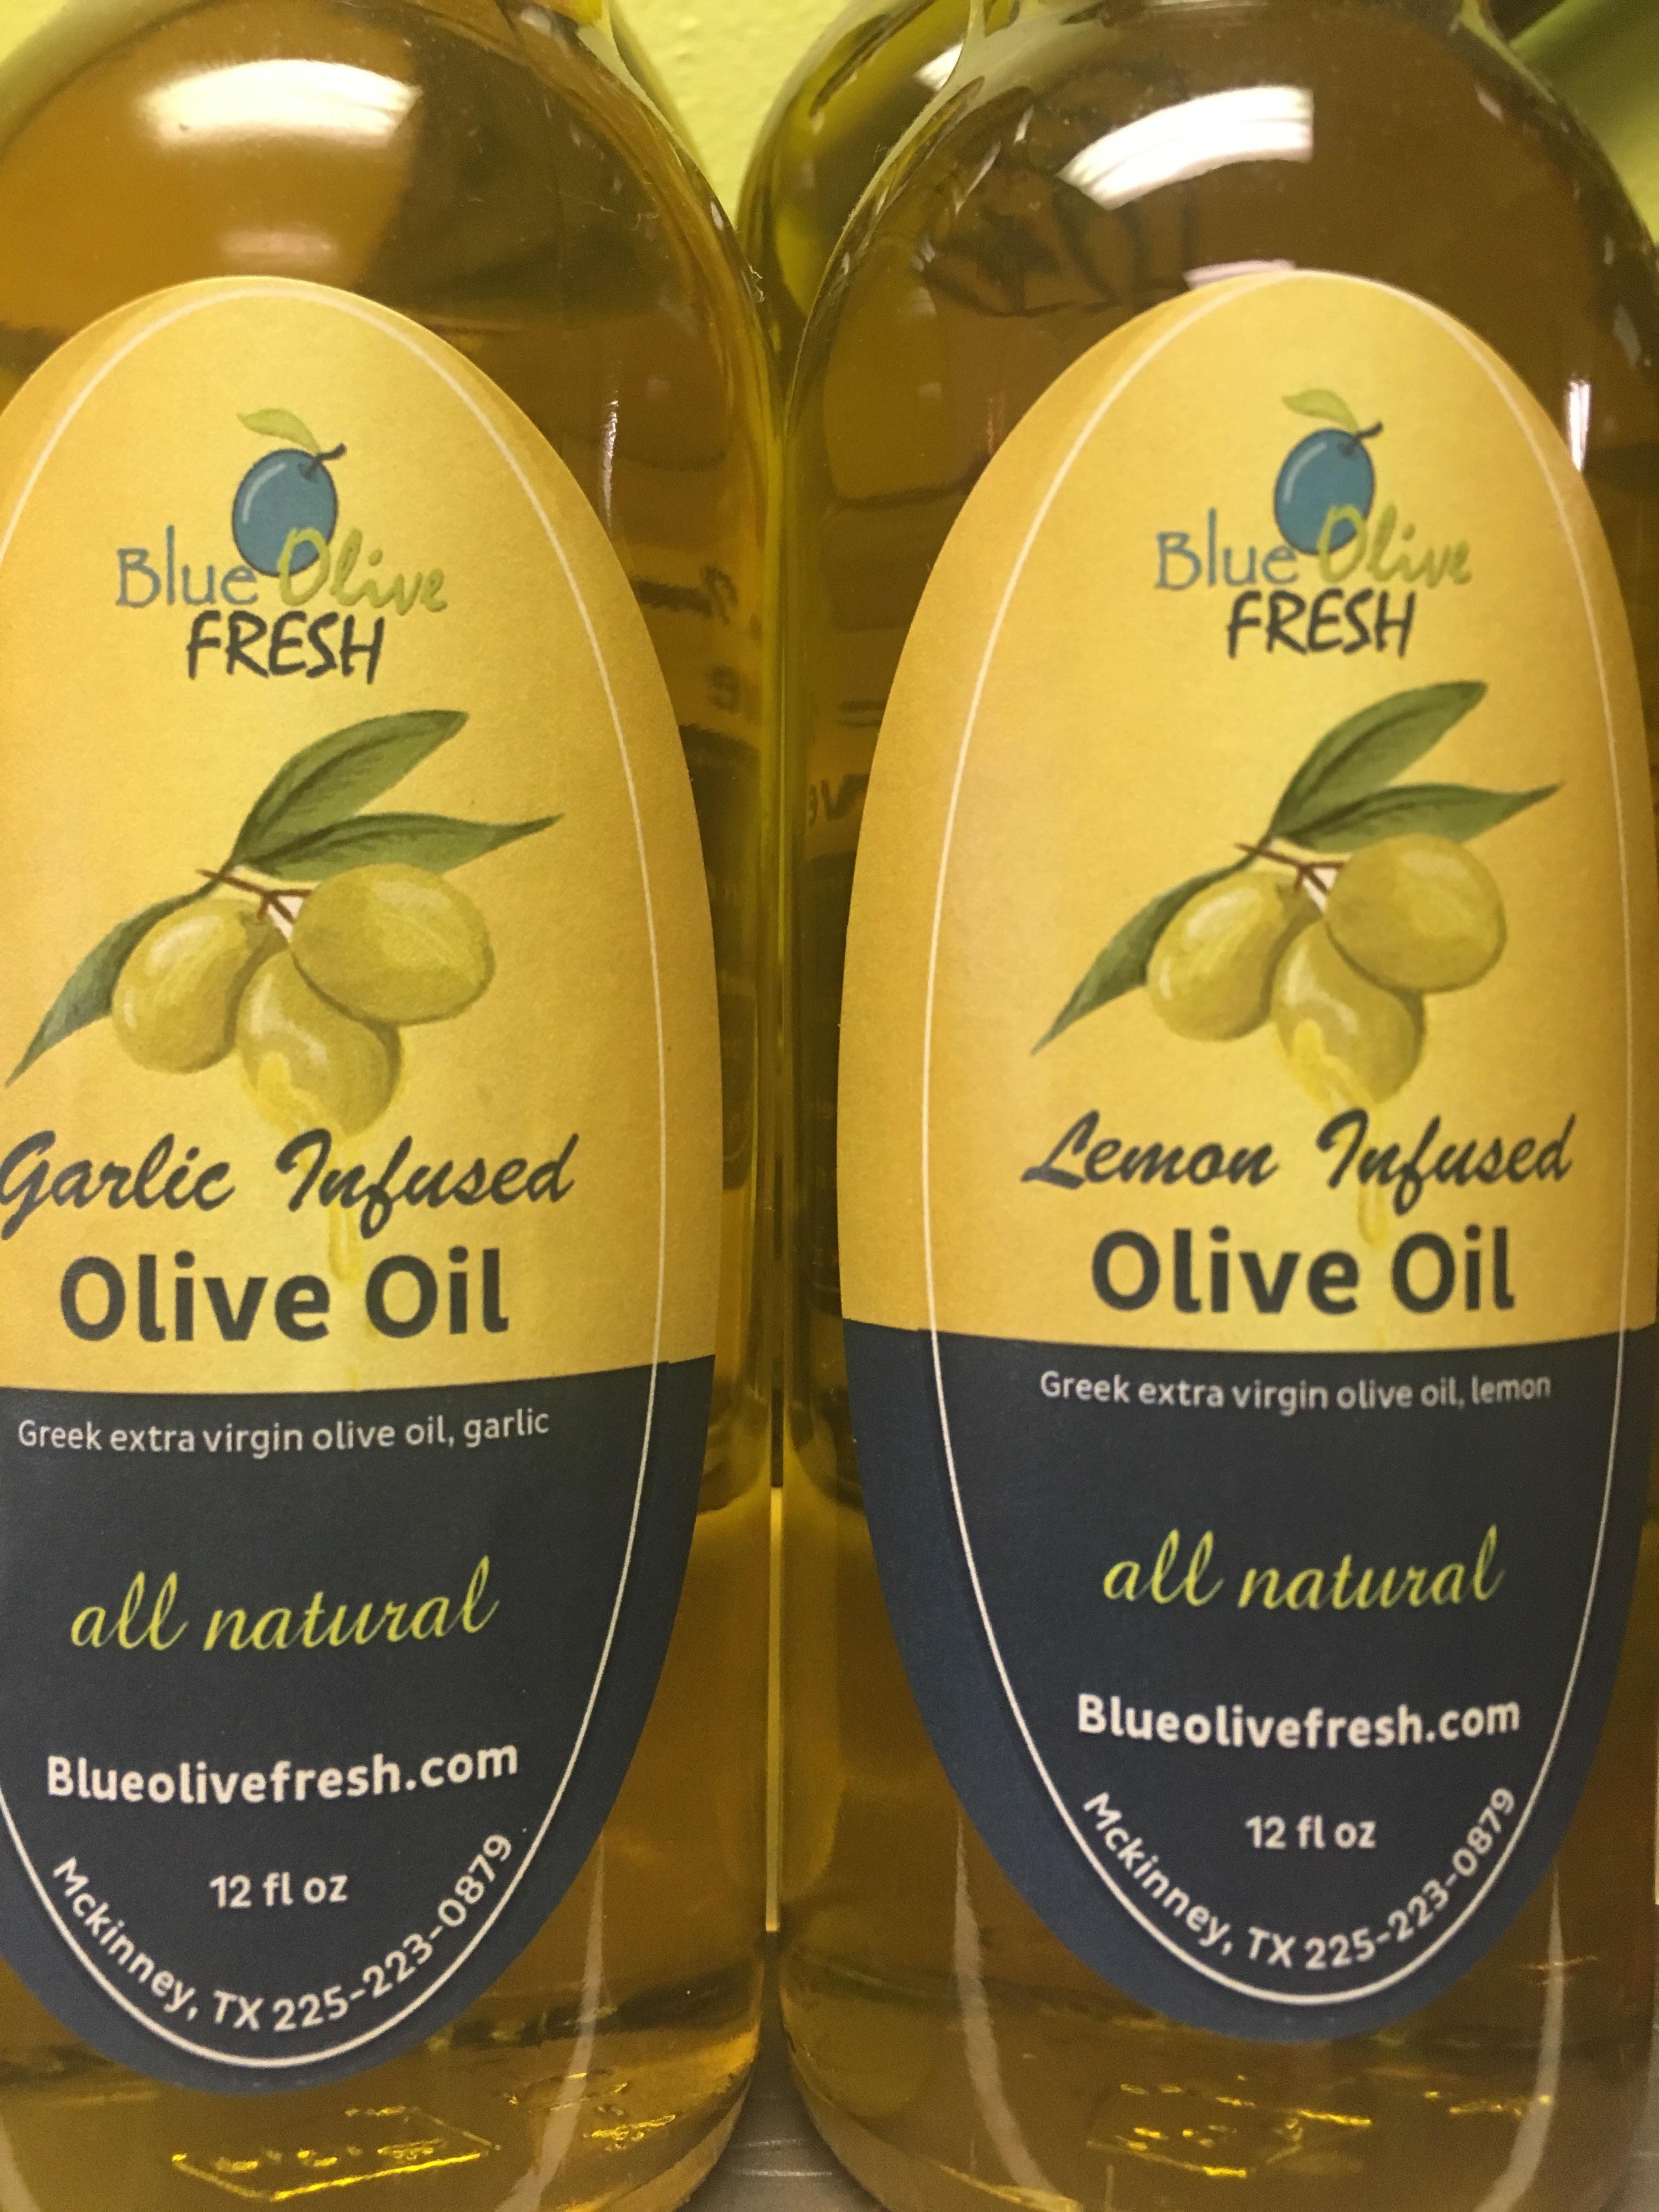 Lemon Infused Olive Oil 00008